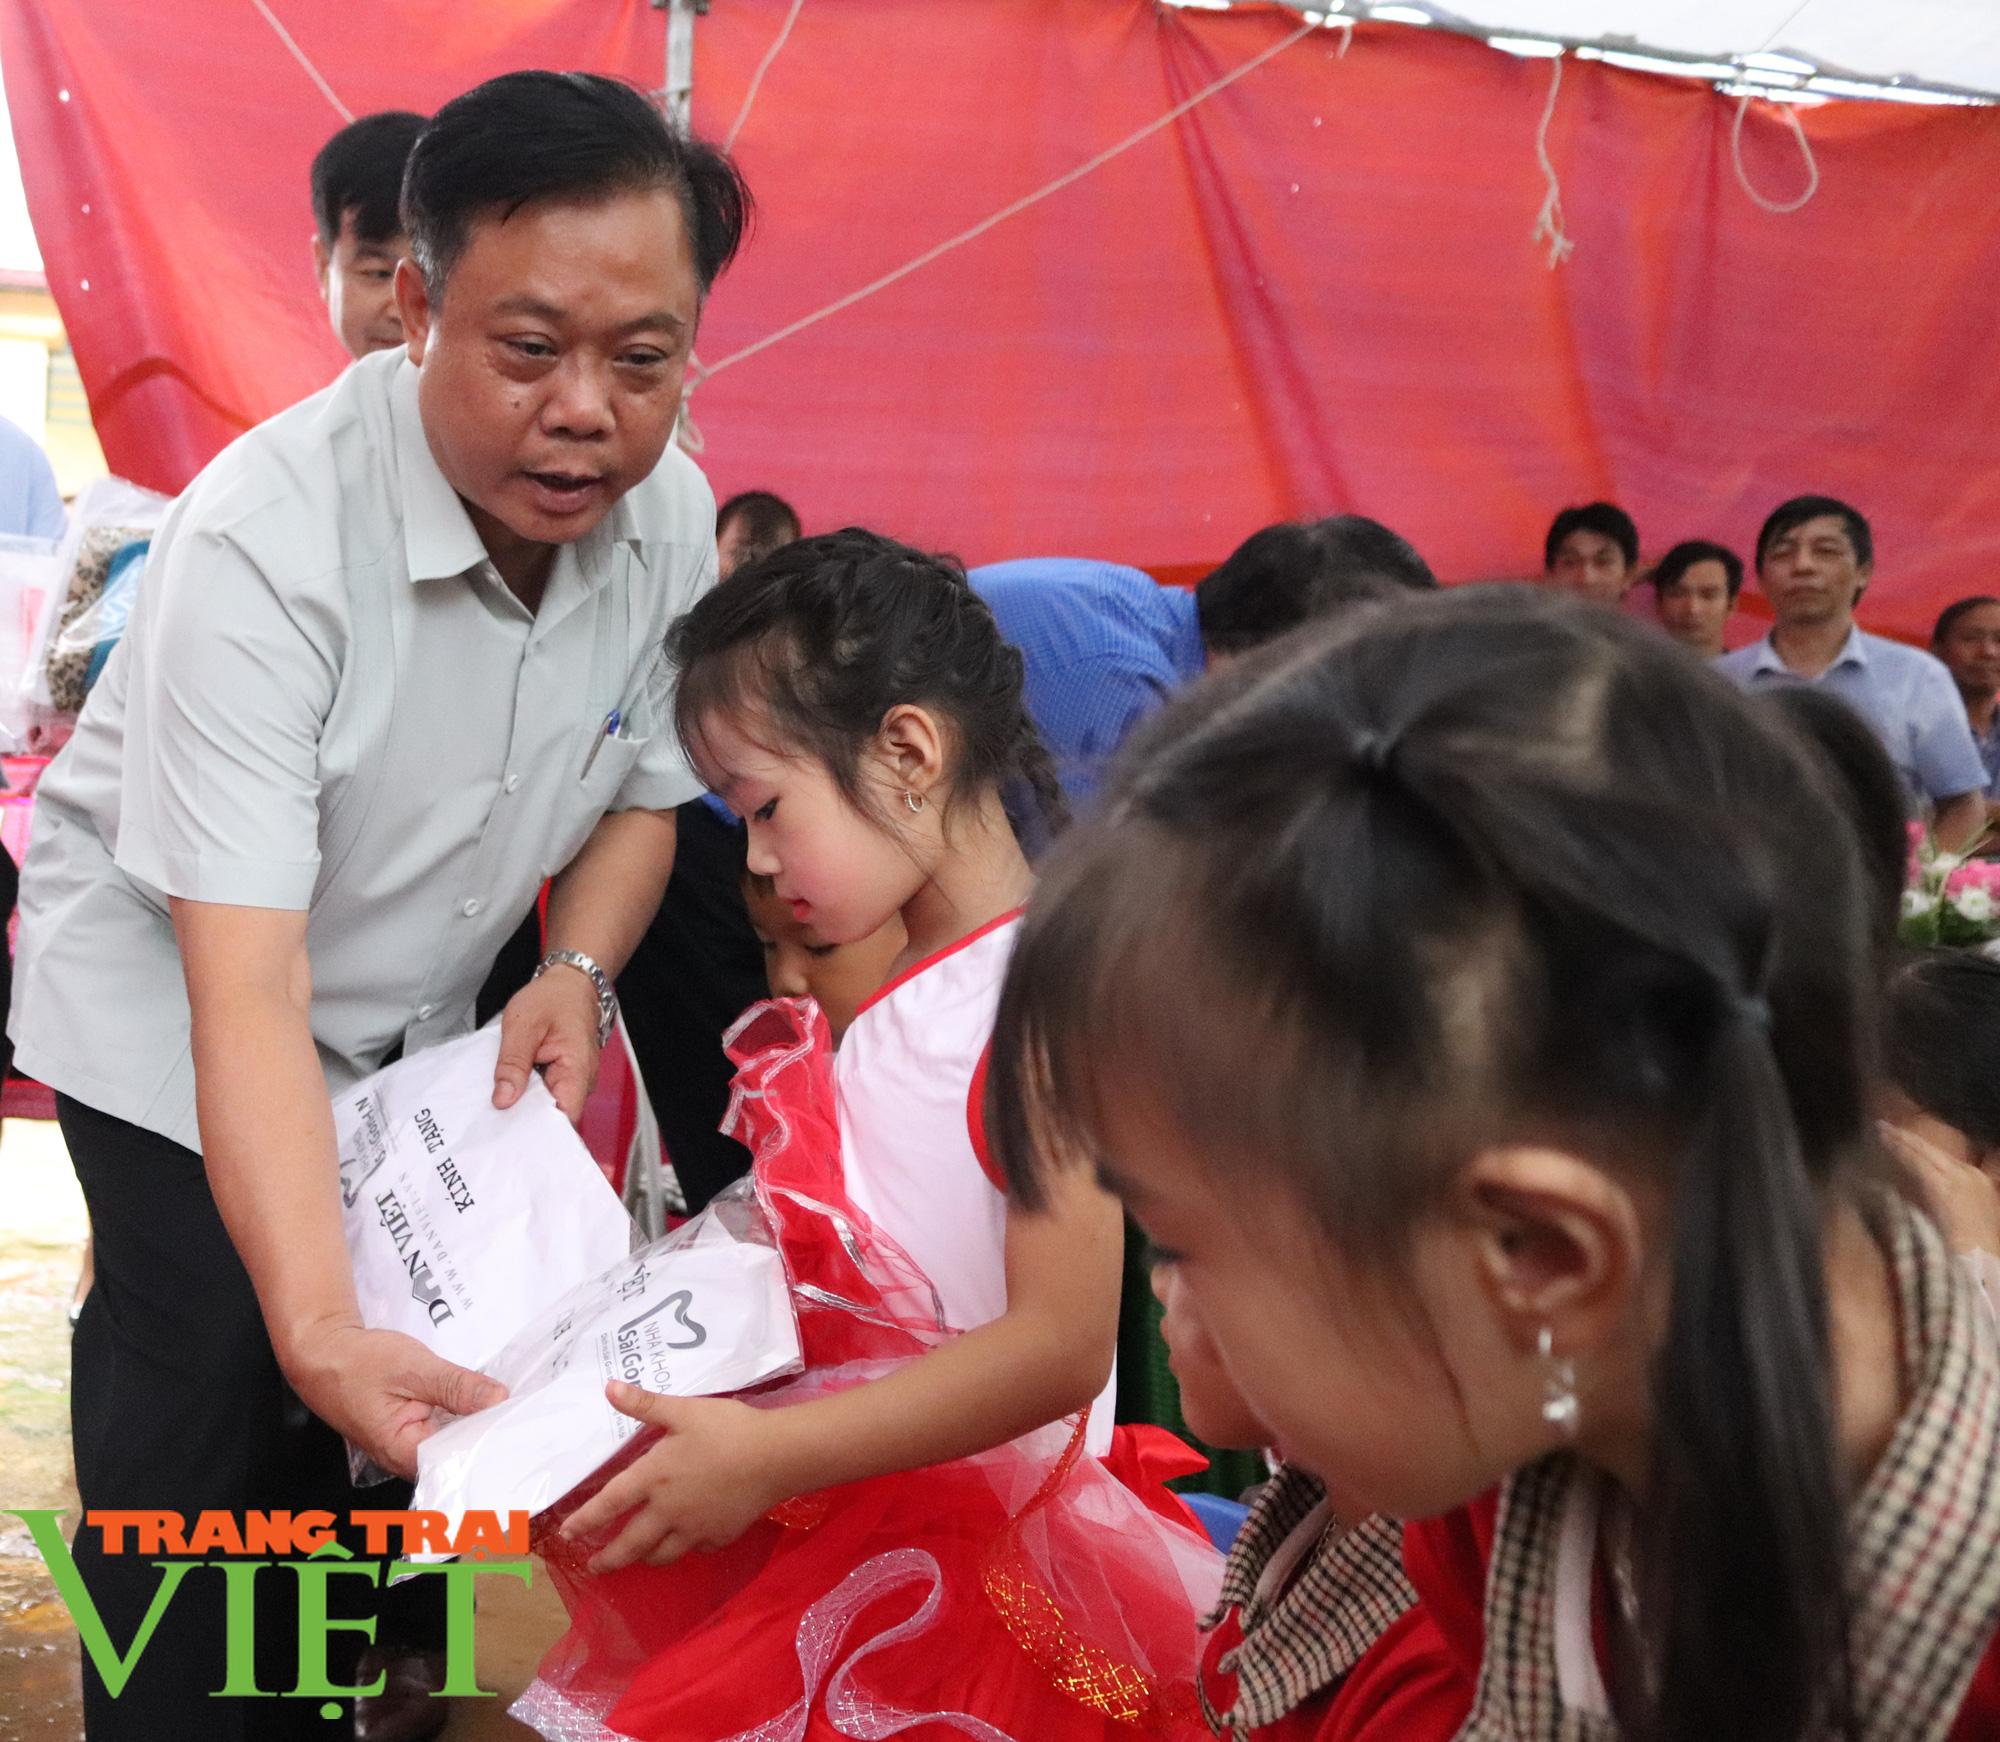 """Báo NTNN/Dân Việt - Quỹ Thiện Tâm khánh thành """"Điểm trường mơ ước"""" từ thiện tại Sơn La - Ảnh 7."""